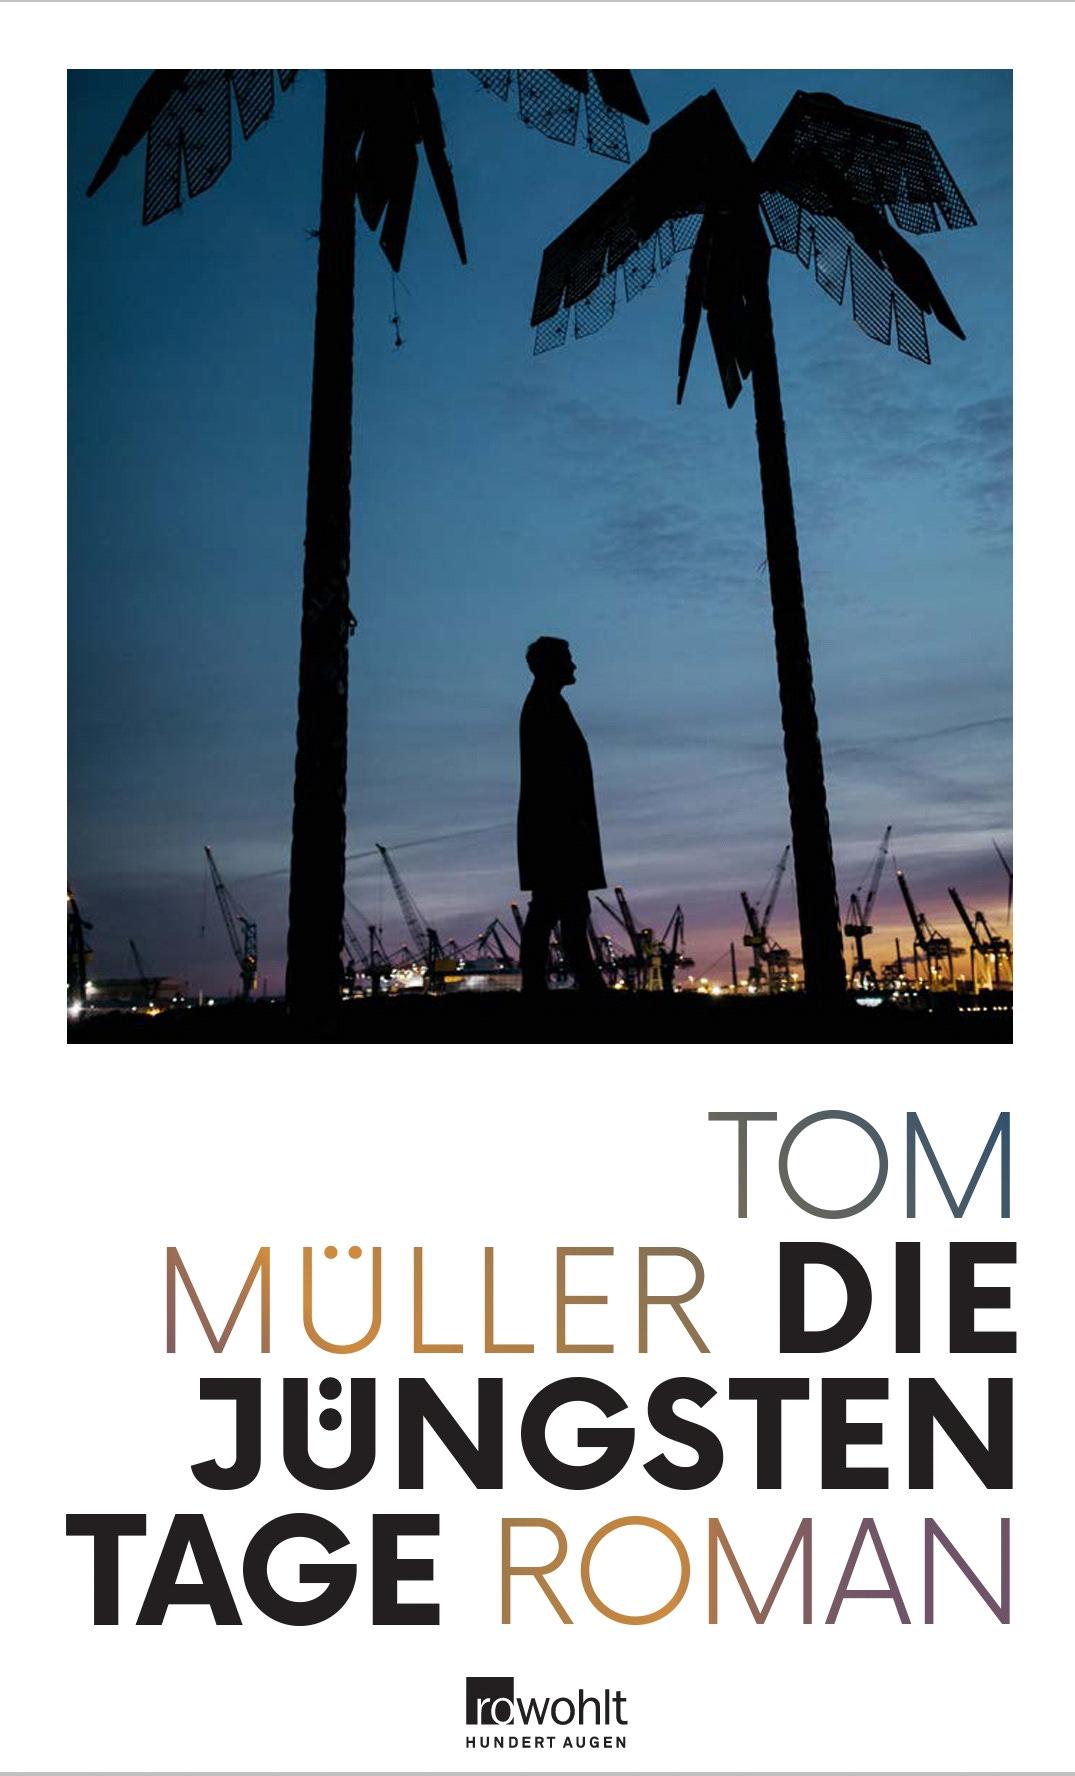 Tom Müller_007.jpg